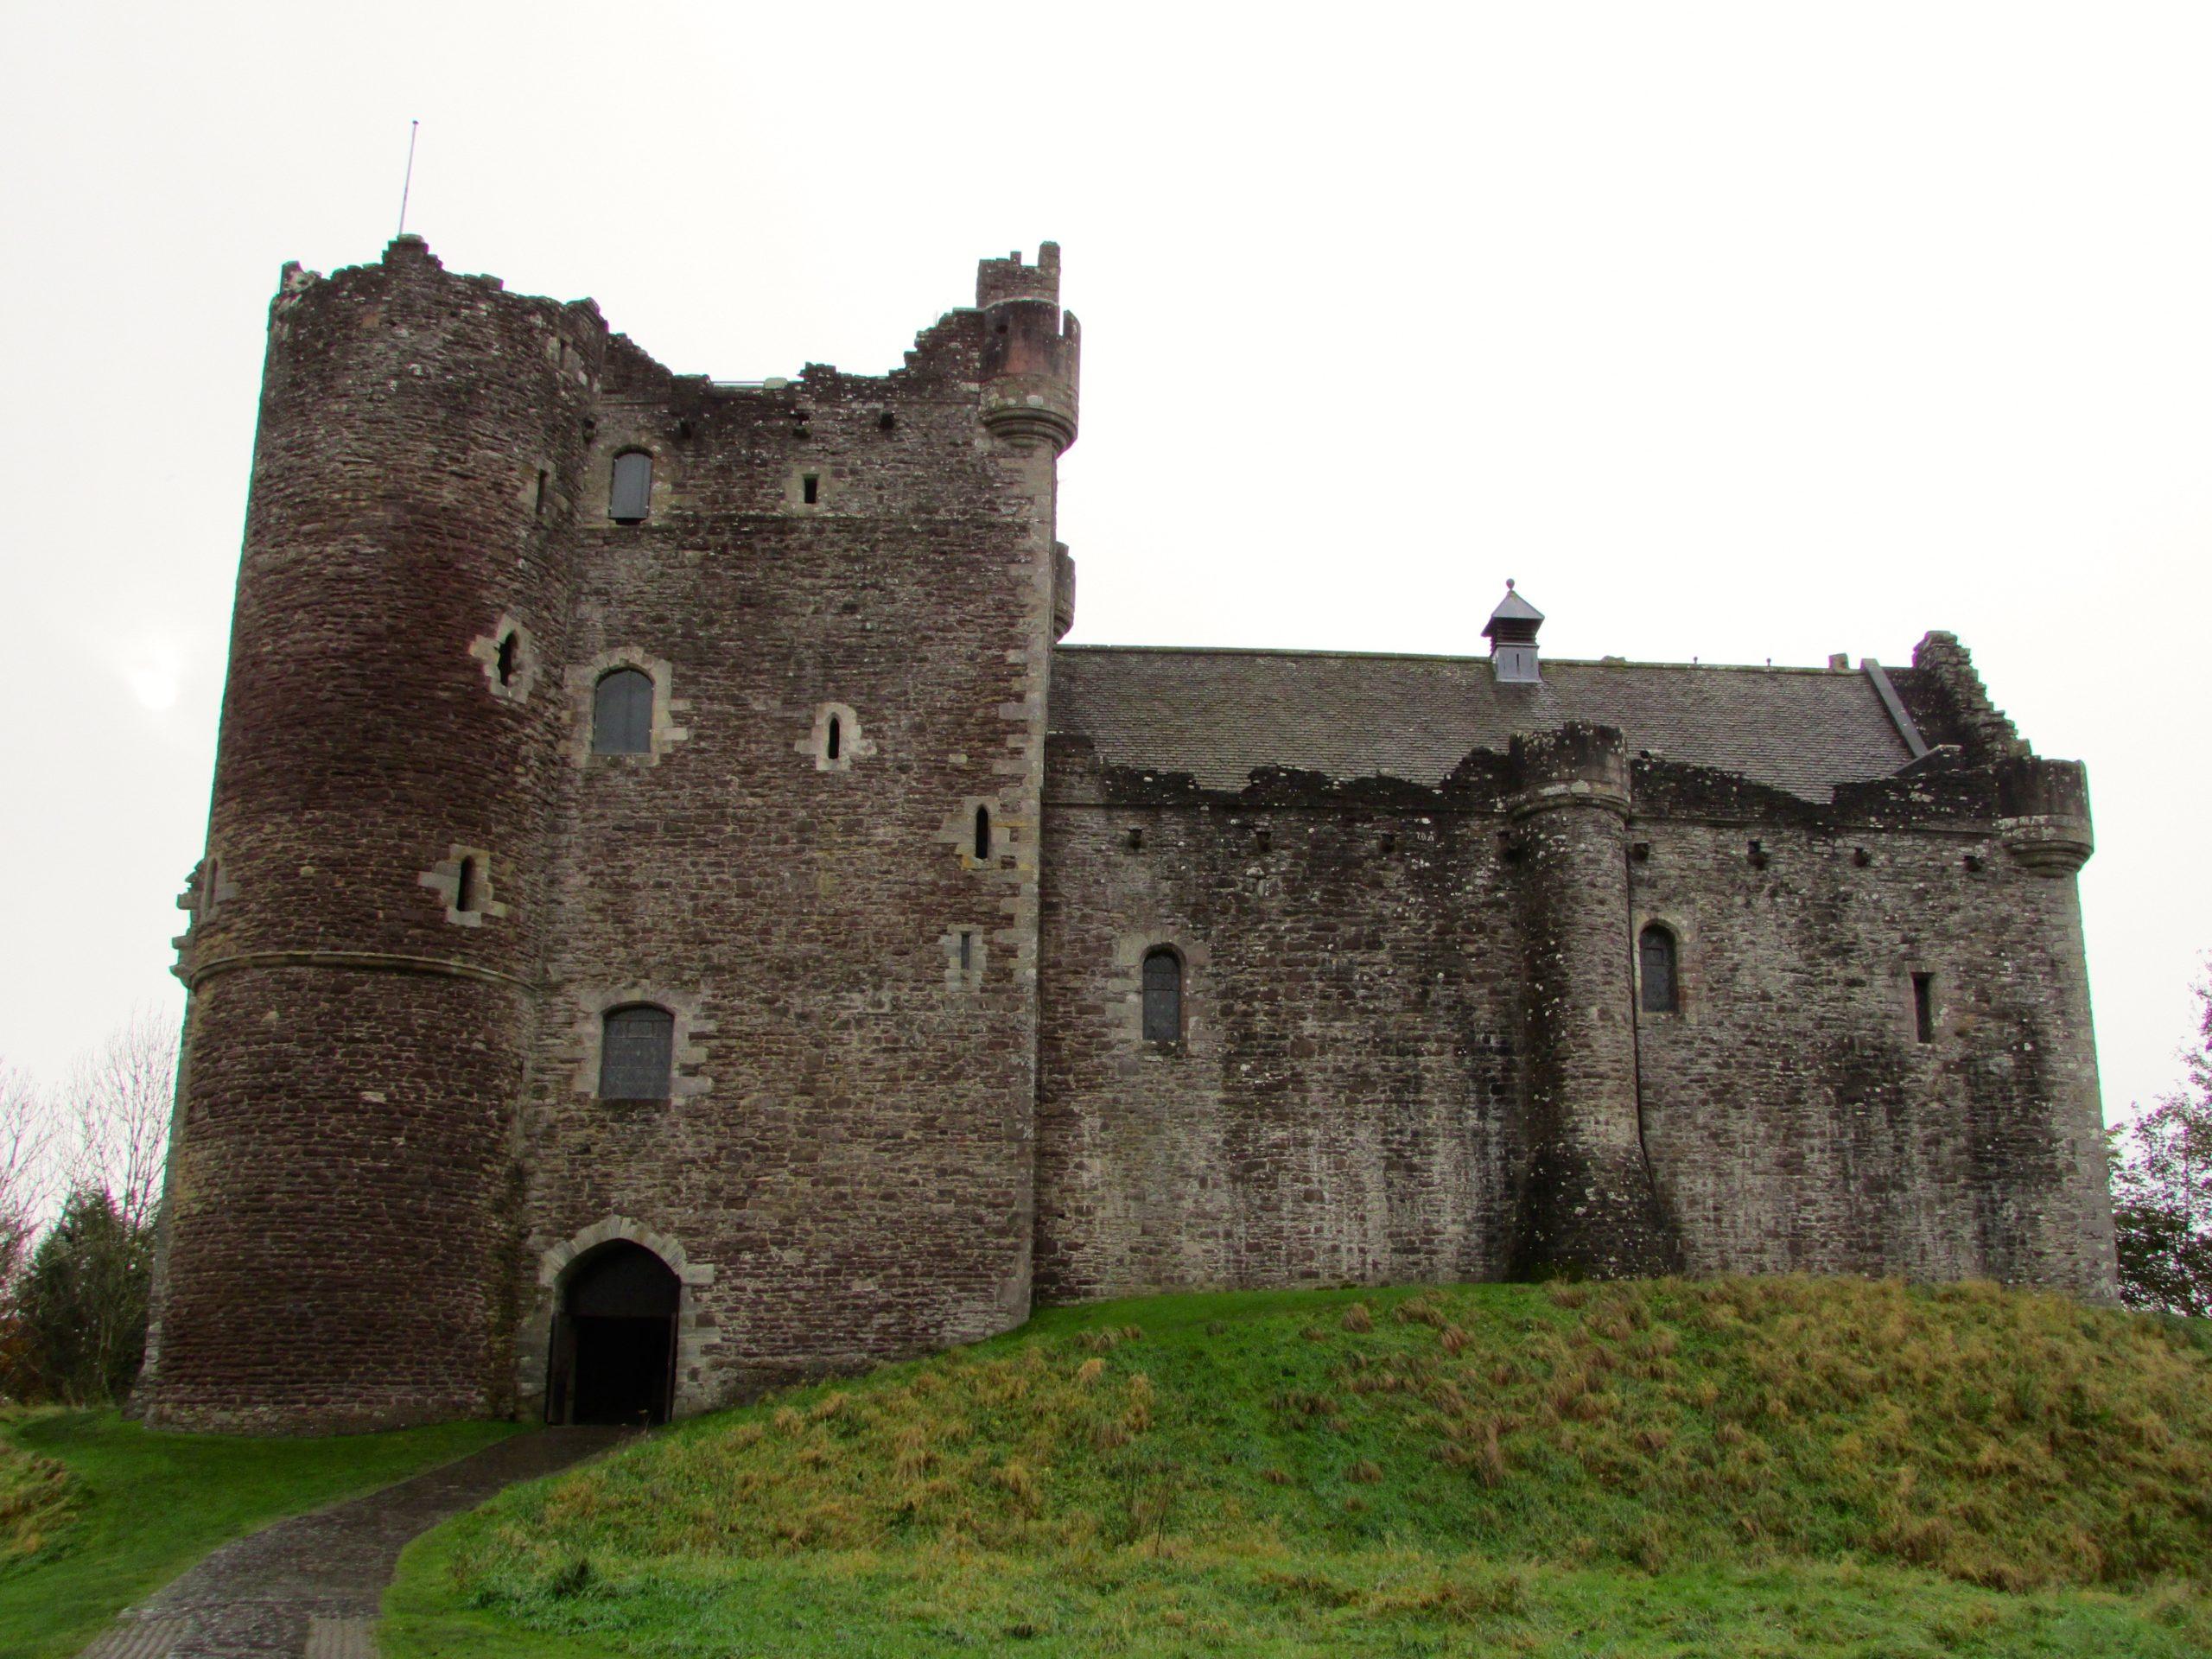 Loch castillo